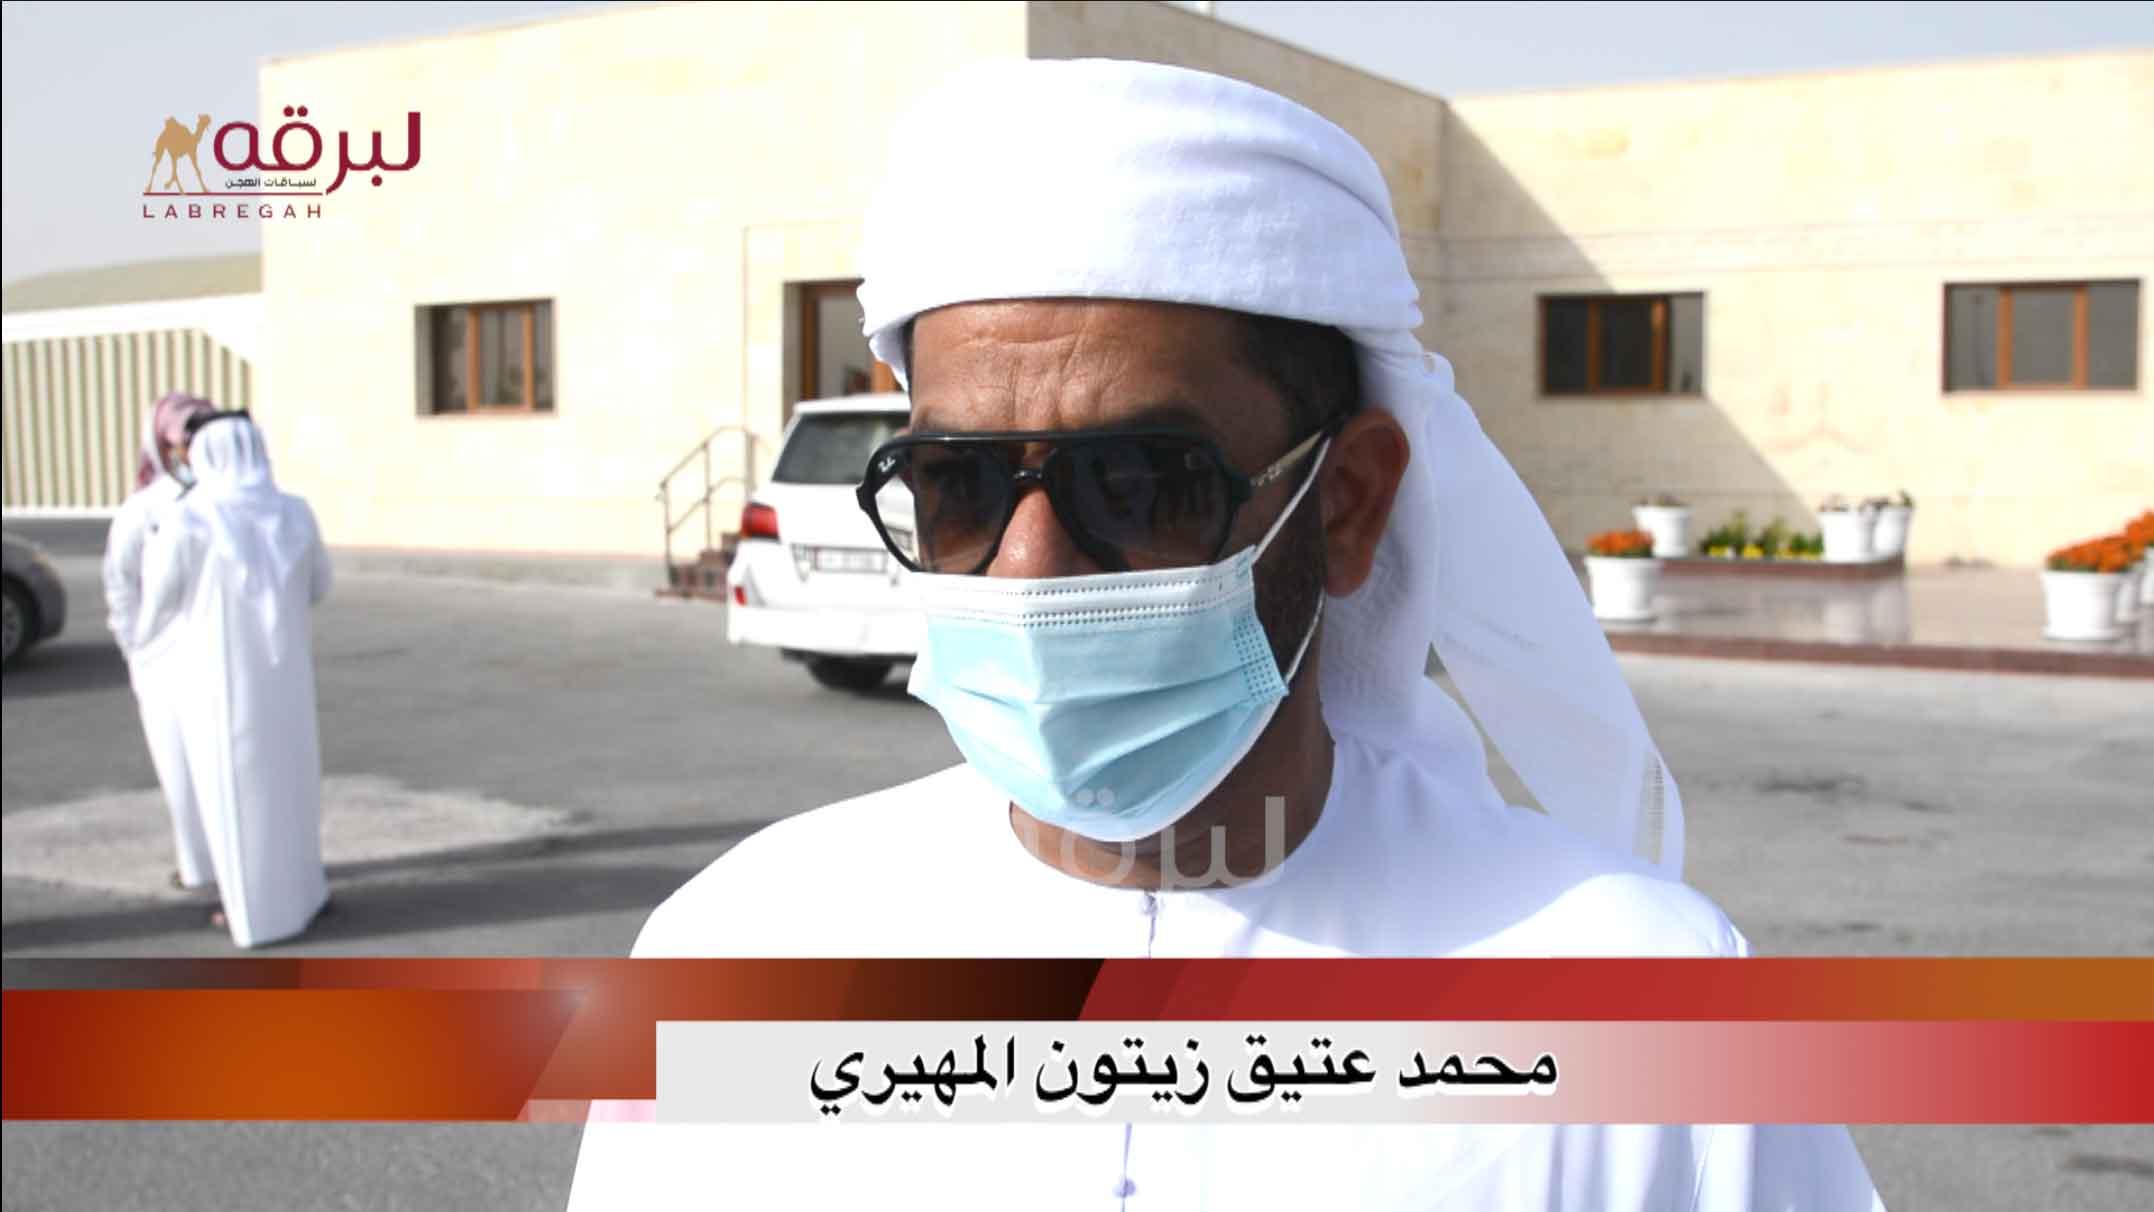 لقاء مع محمد عتيق زيتون المهيري.. الشلفة الفضية لقايا بكار «مفتوح» الأشواط العامة ٢٣-٣-٢٠٢١